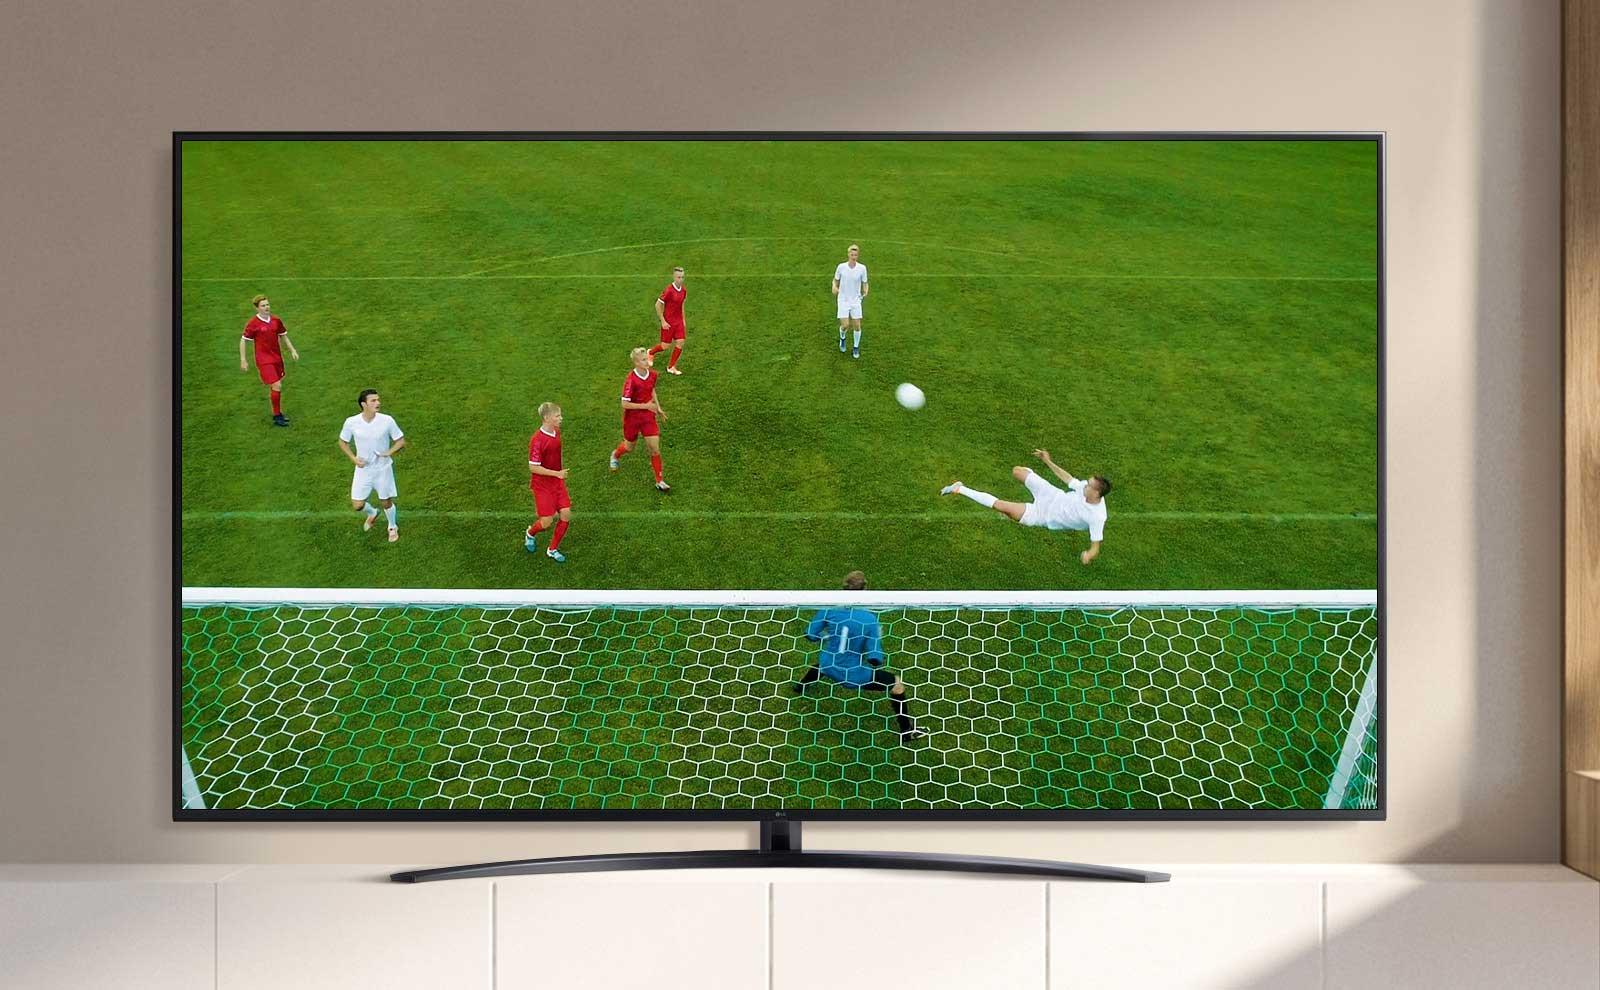 Экран телевизора с футболистом, забивающим гол (просмотр видео)